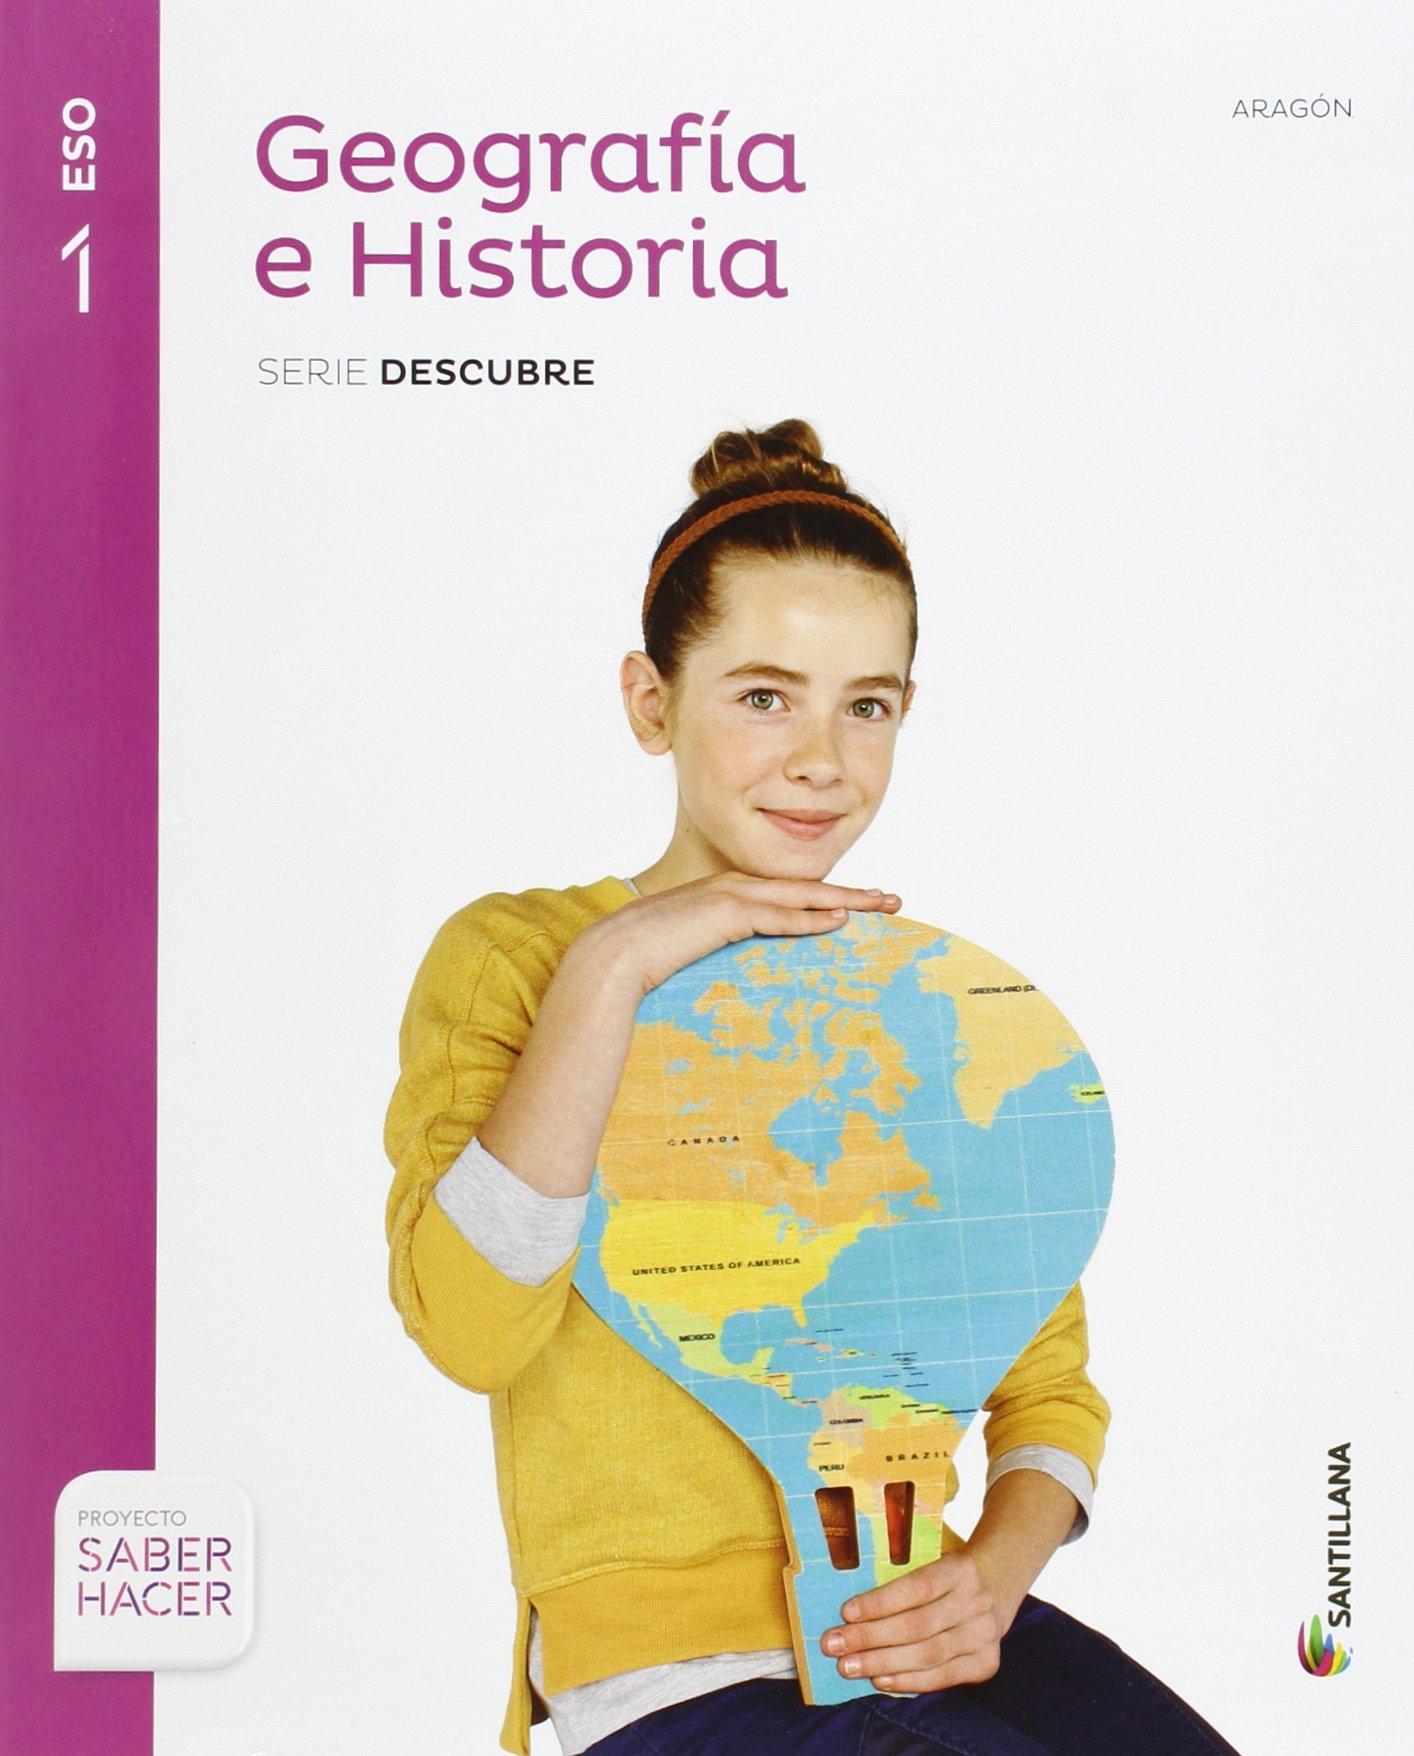 GEOGRAFIA E HISTORIA ARAGON SERIE DESCUBRE 1 ESO SABER HACER - 9788468019482: Amazon.es: Vv.Aa.: Libros